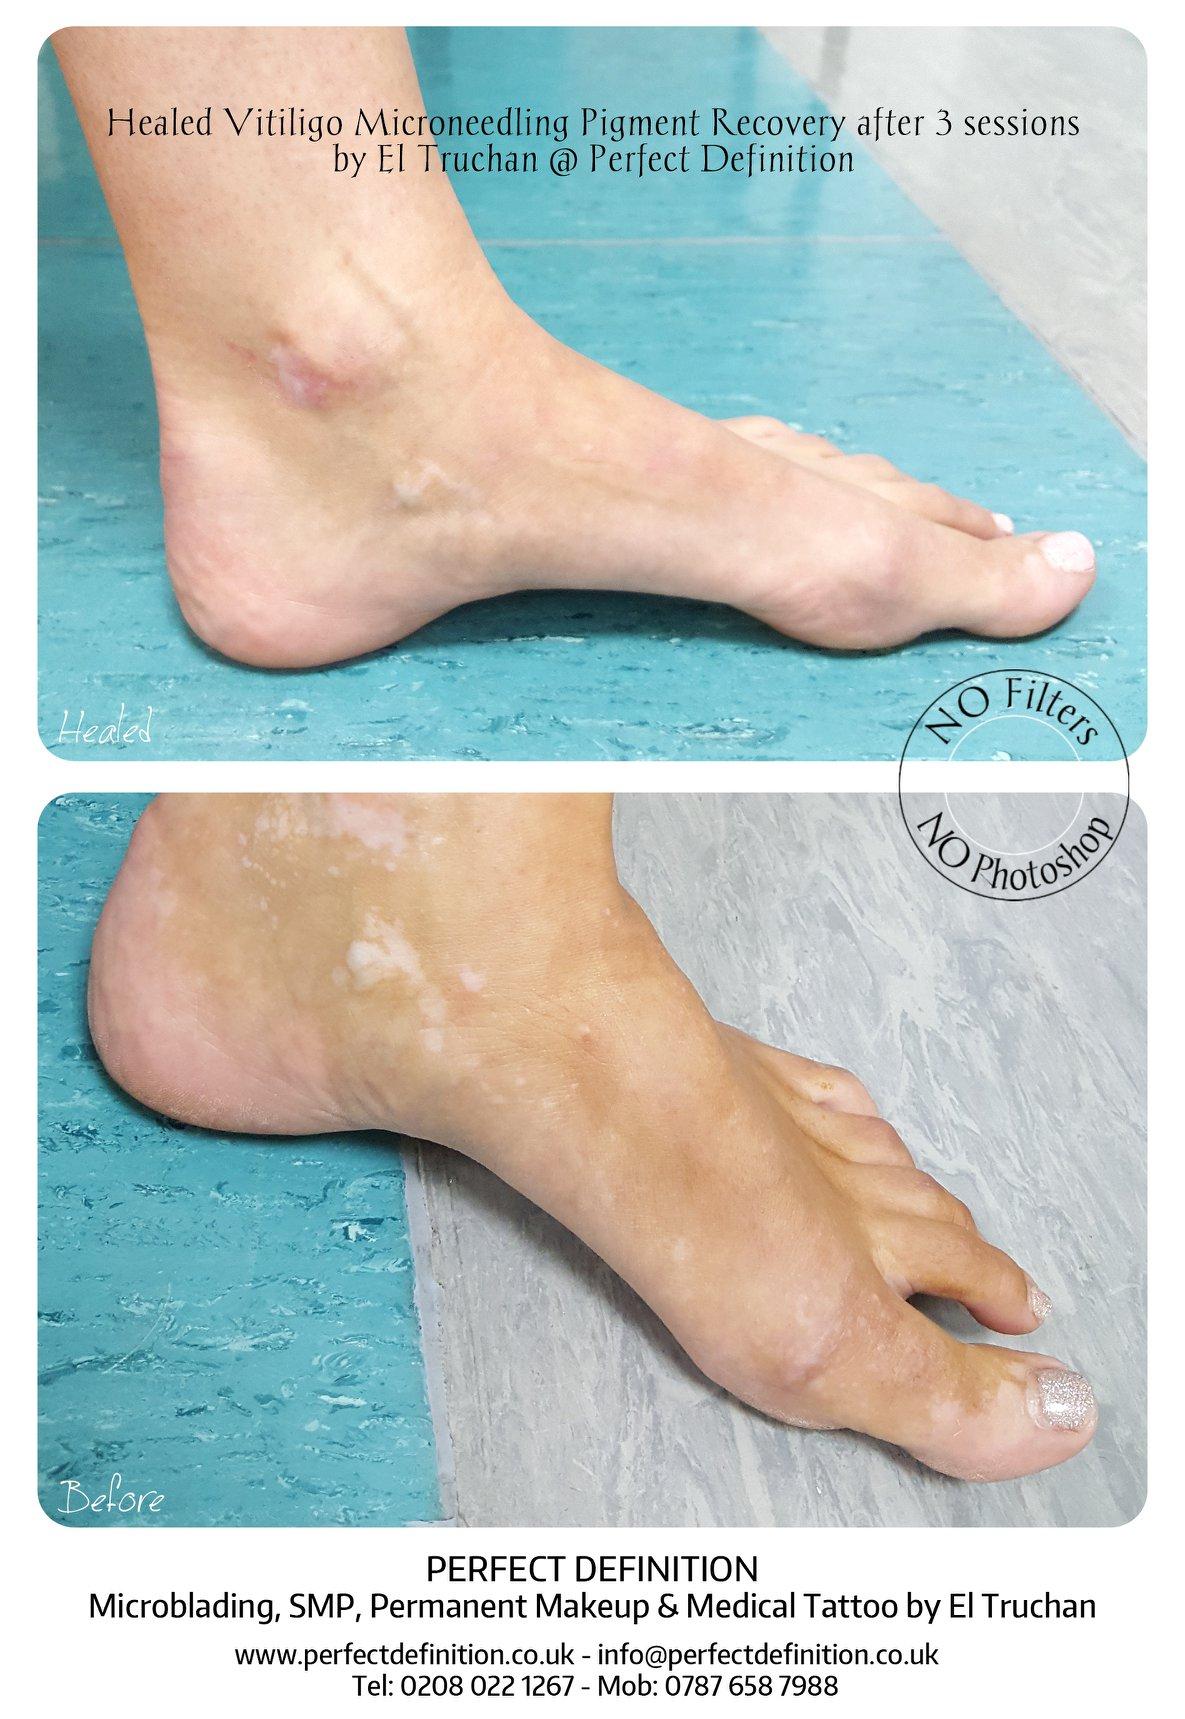 Healed Vitiligo Microneedling Pigment Re